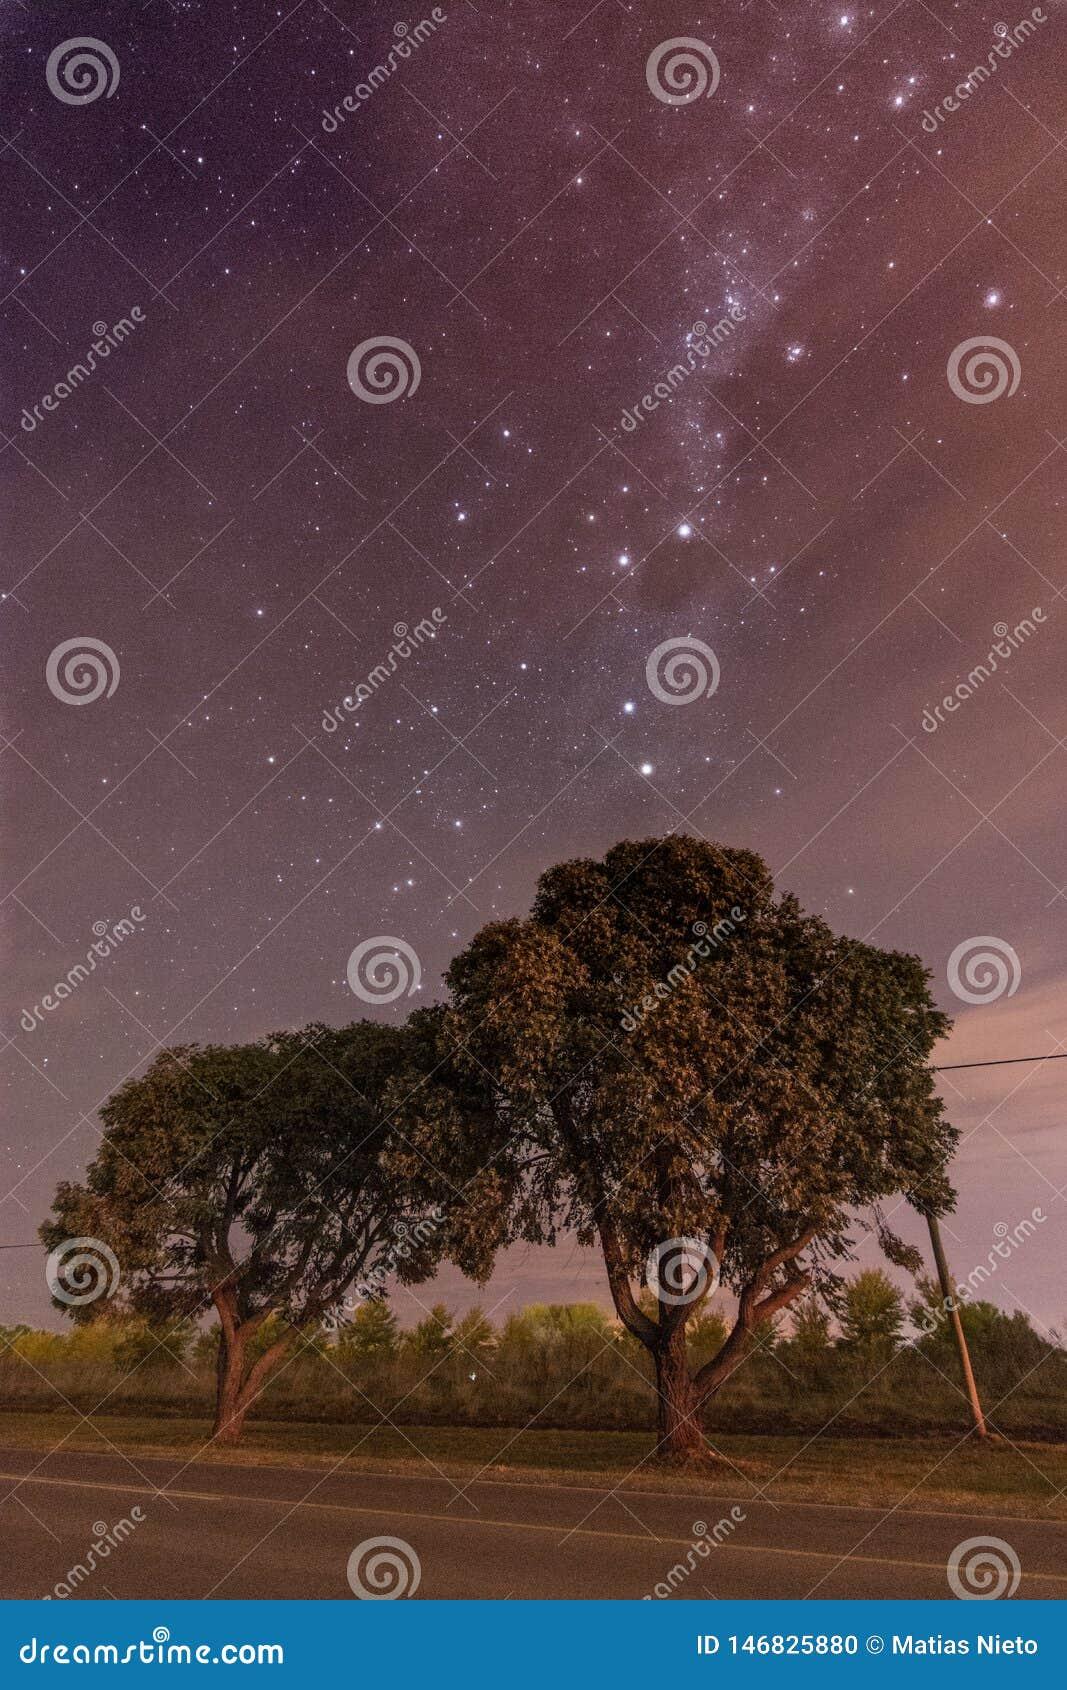 Астрофотография неба звездной ночи с деревьями под звездами